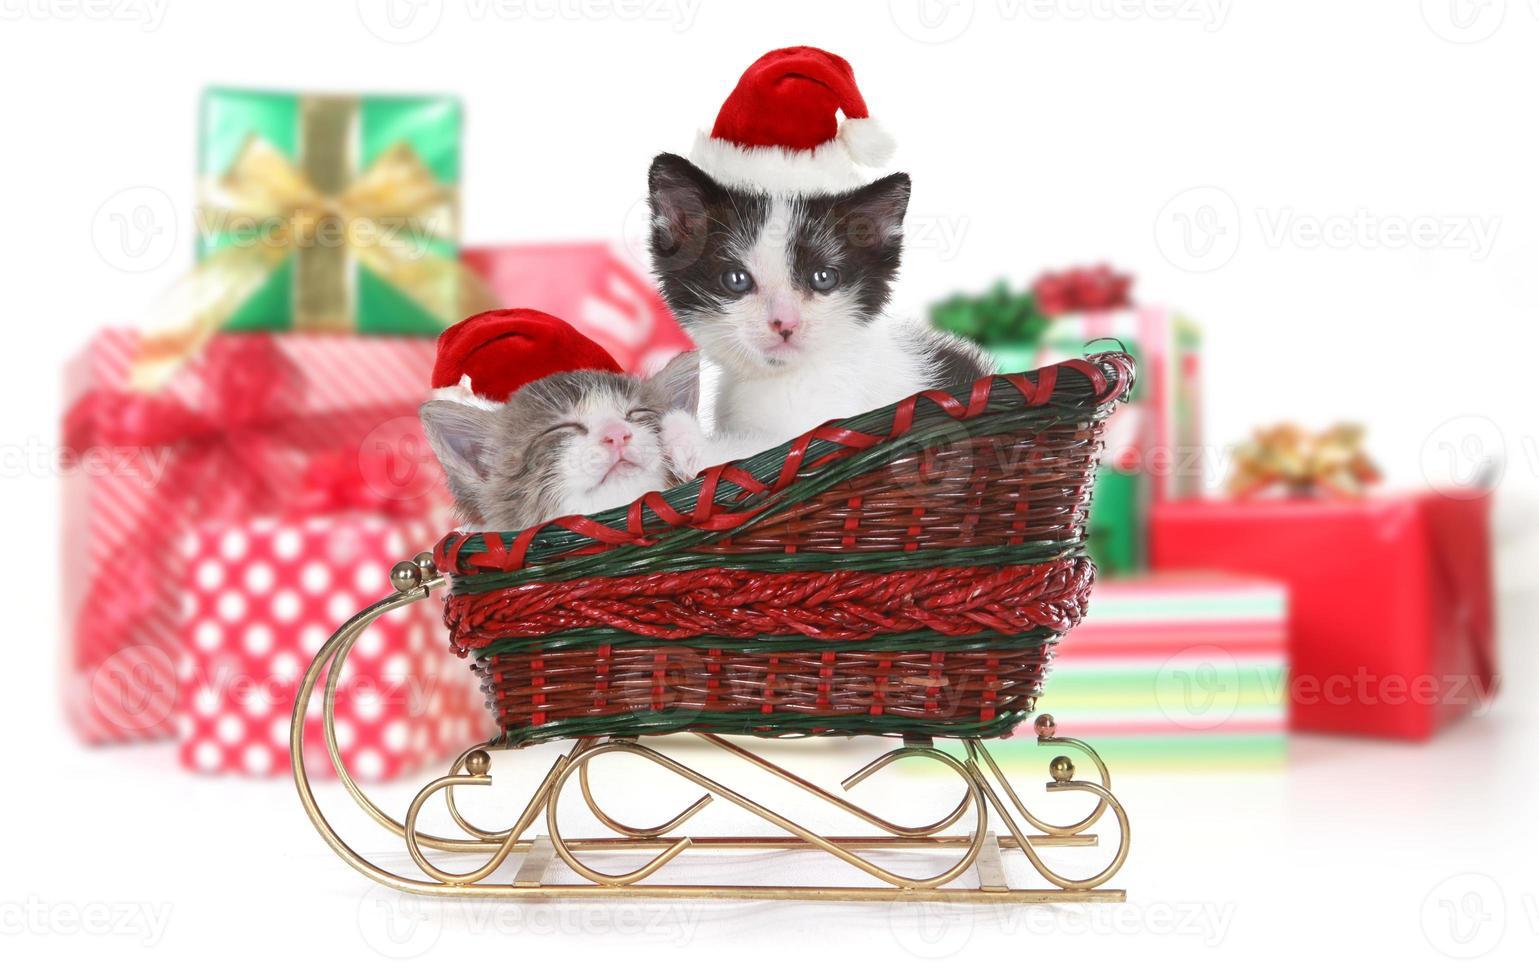 entzückende Kätzchen umgeben von Weihnachtsgeschenken im Schlitten foto